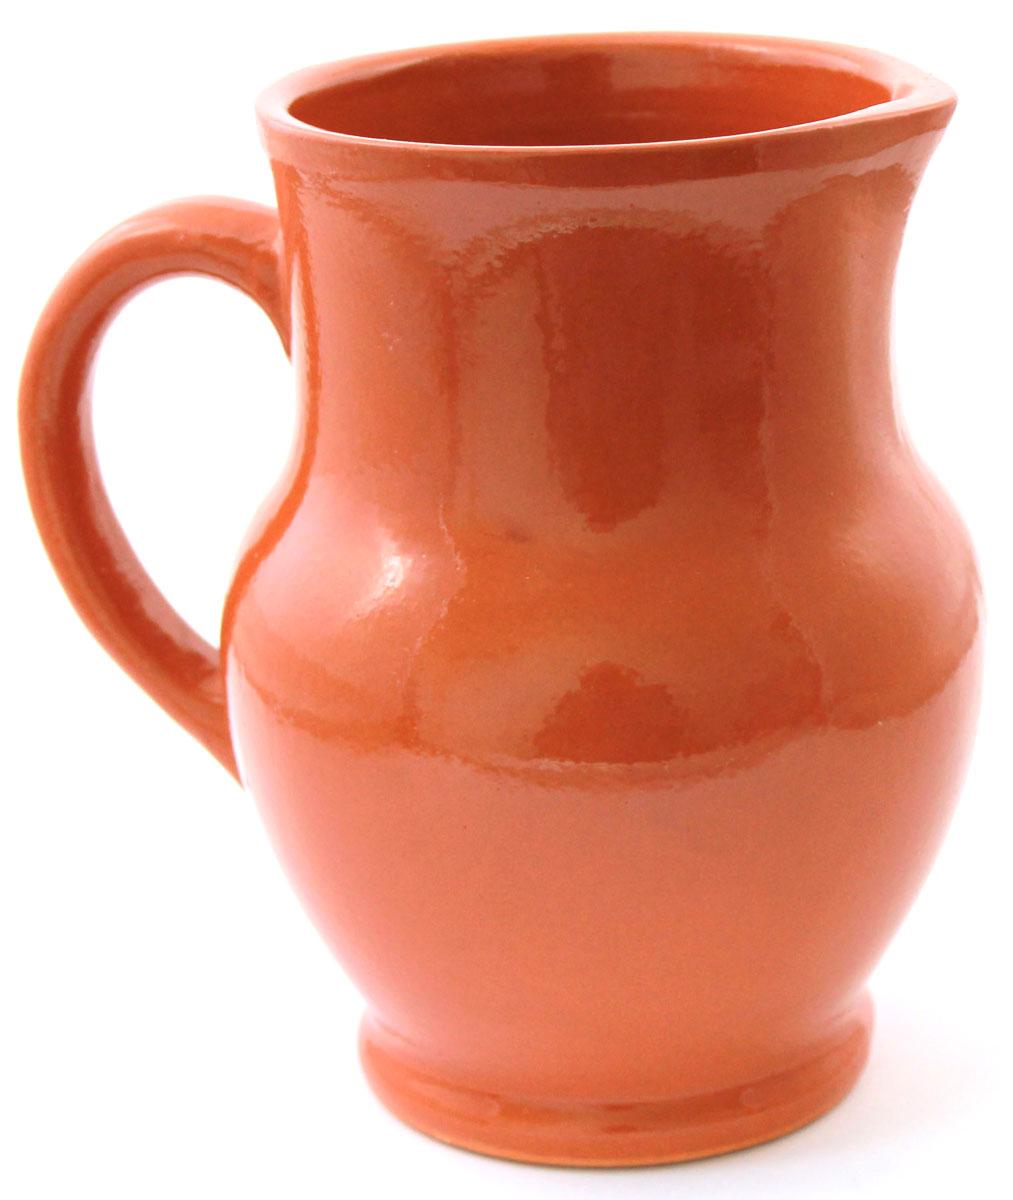 Кувшин Ломоносовская керамика Глинка, 1,3 л1К3-1Кувшин Ломоносовская керамика изготовлен из высококачественной глины. Он прекрасно подходит для подачи воды, сока, компота и других напитков. Изящный кувшин красиво оформит стол и порадует вас элегантным дизайном и простотой ухода.Диаметр: 16 см.Высота: 17,5 см.